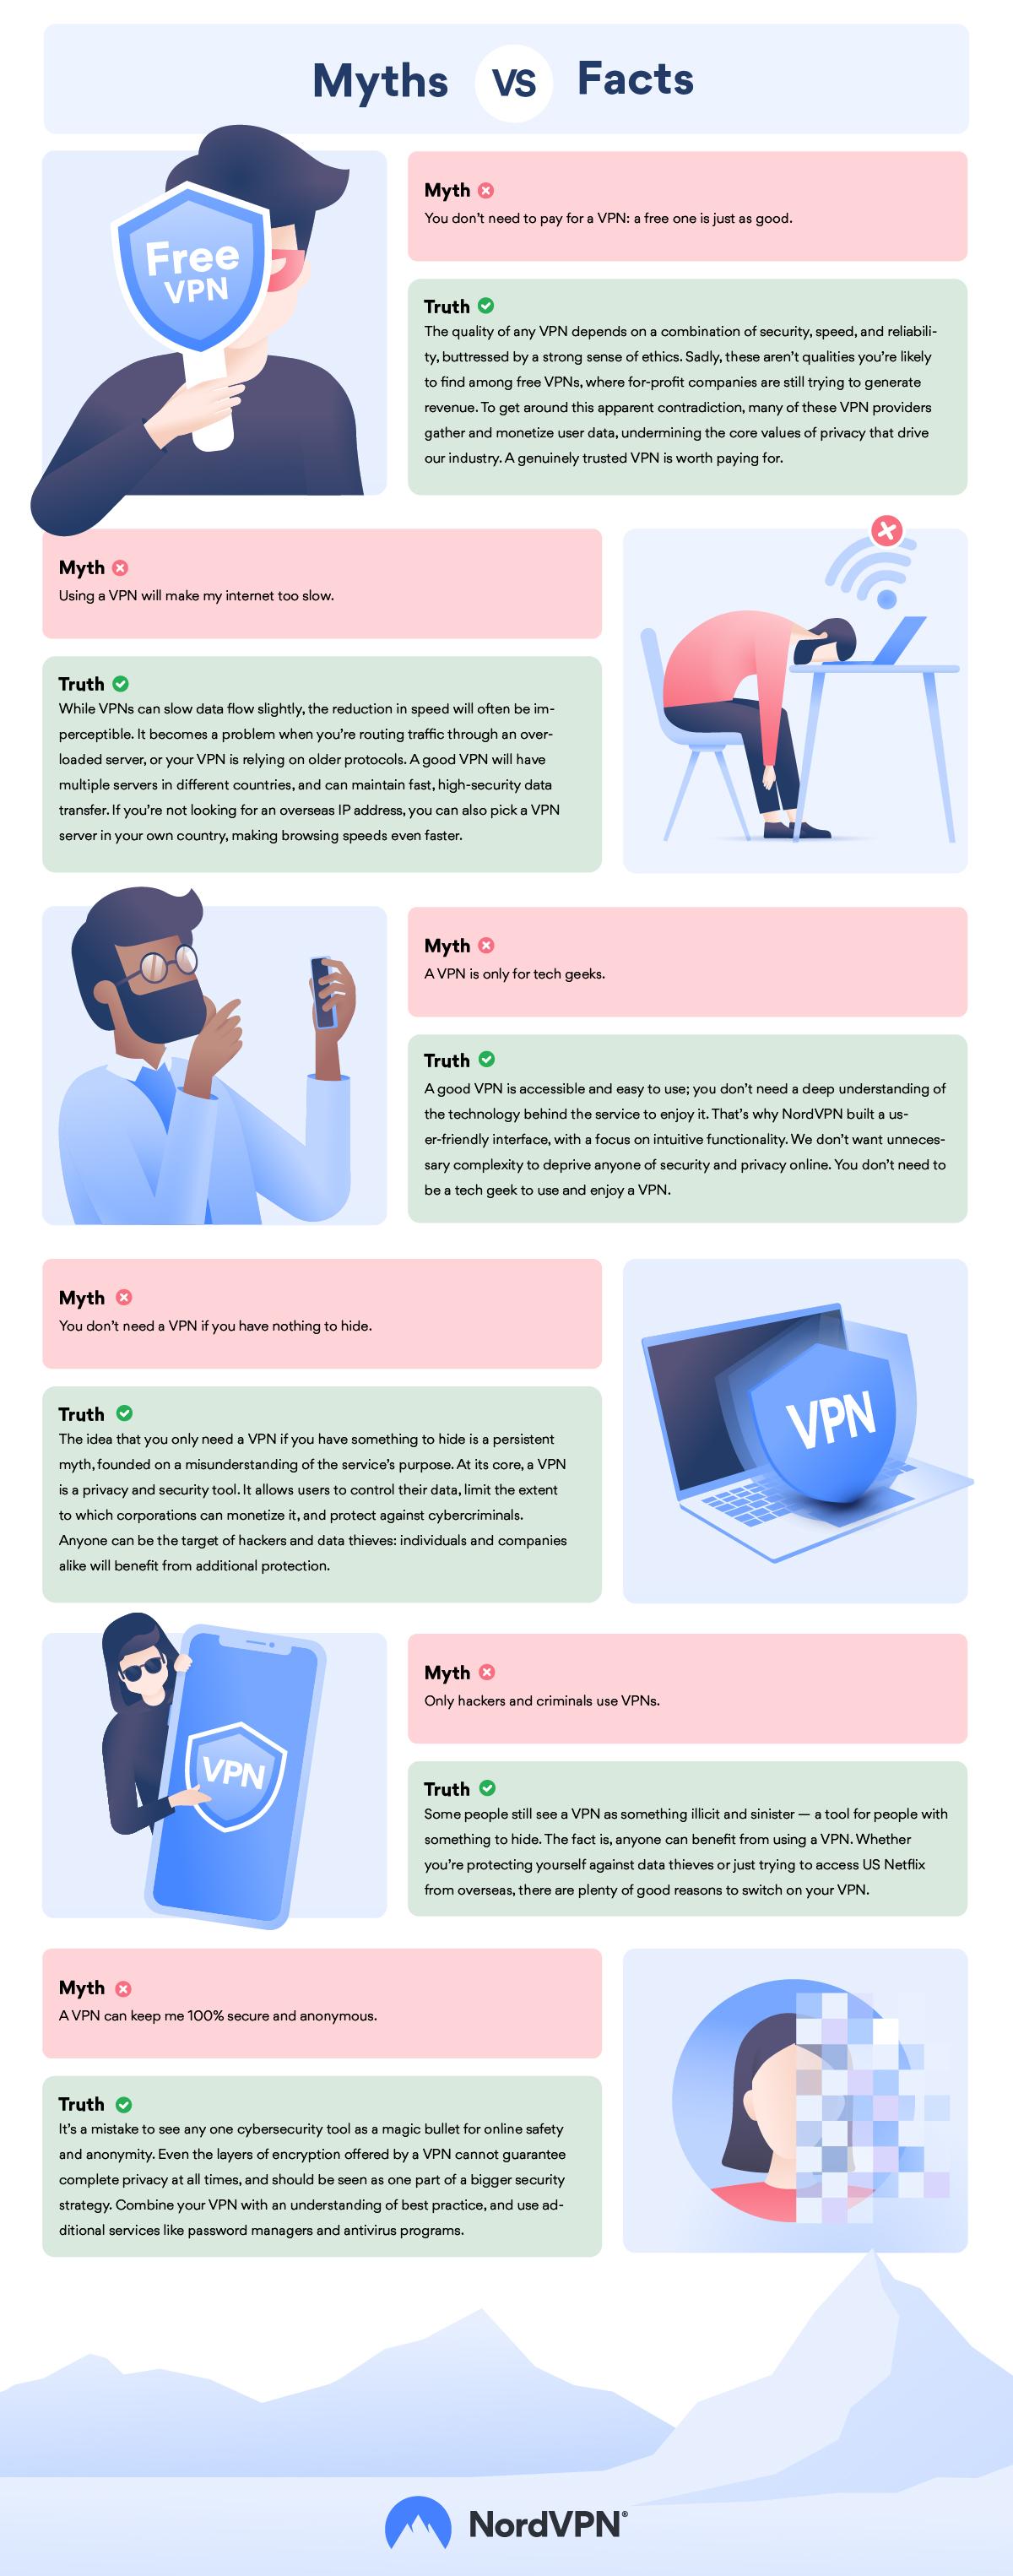 VPN facts vs myths